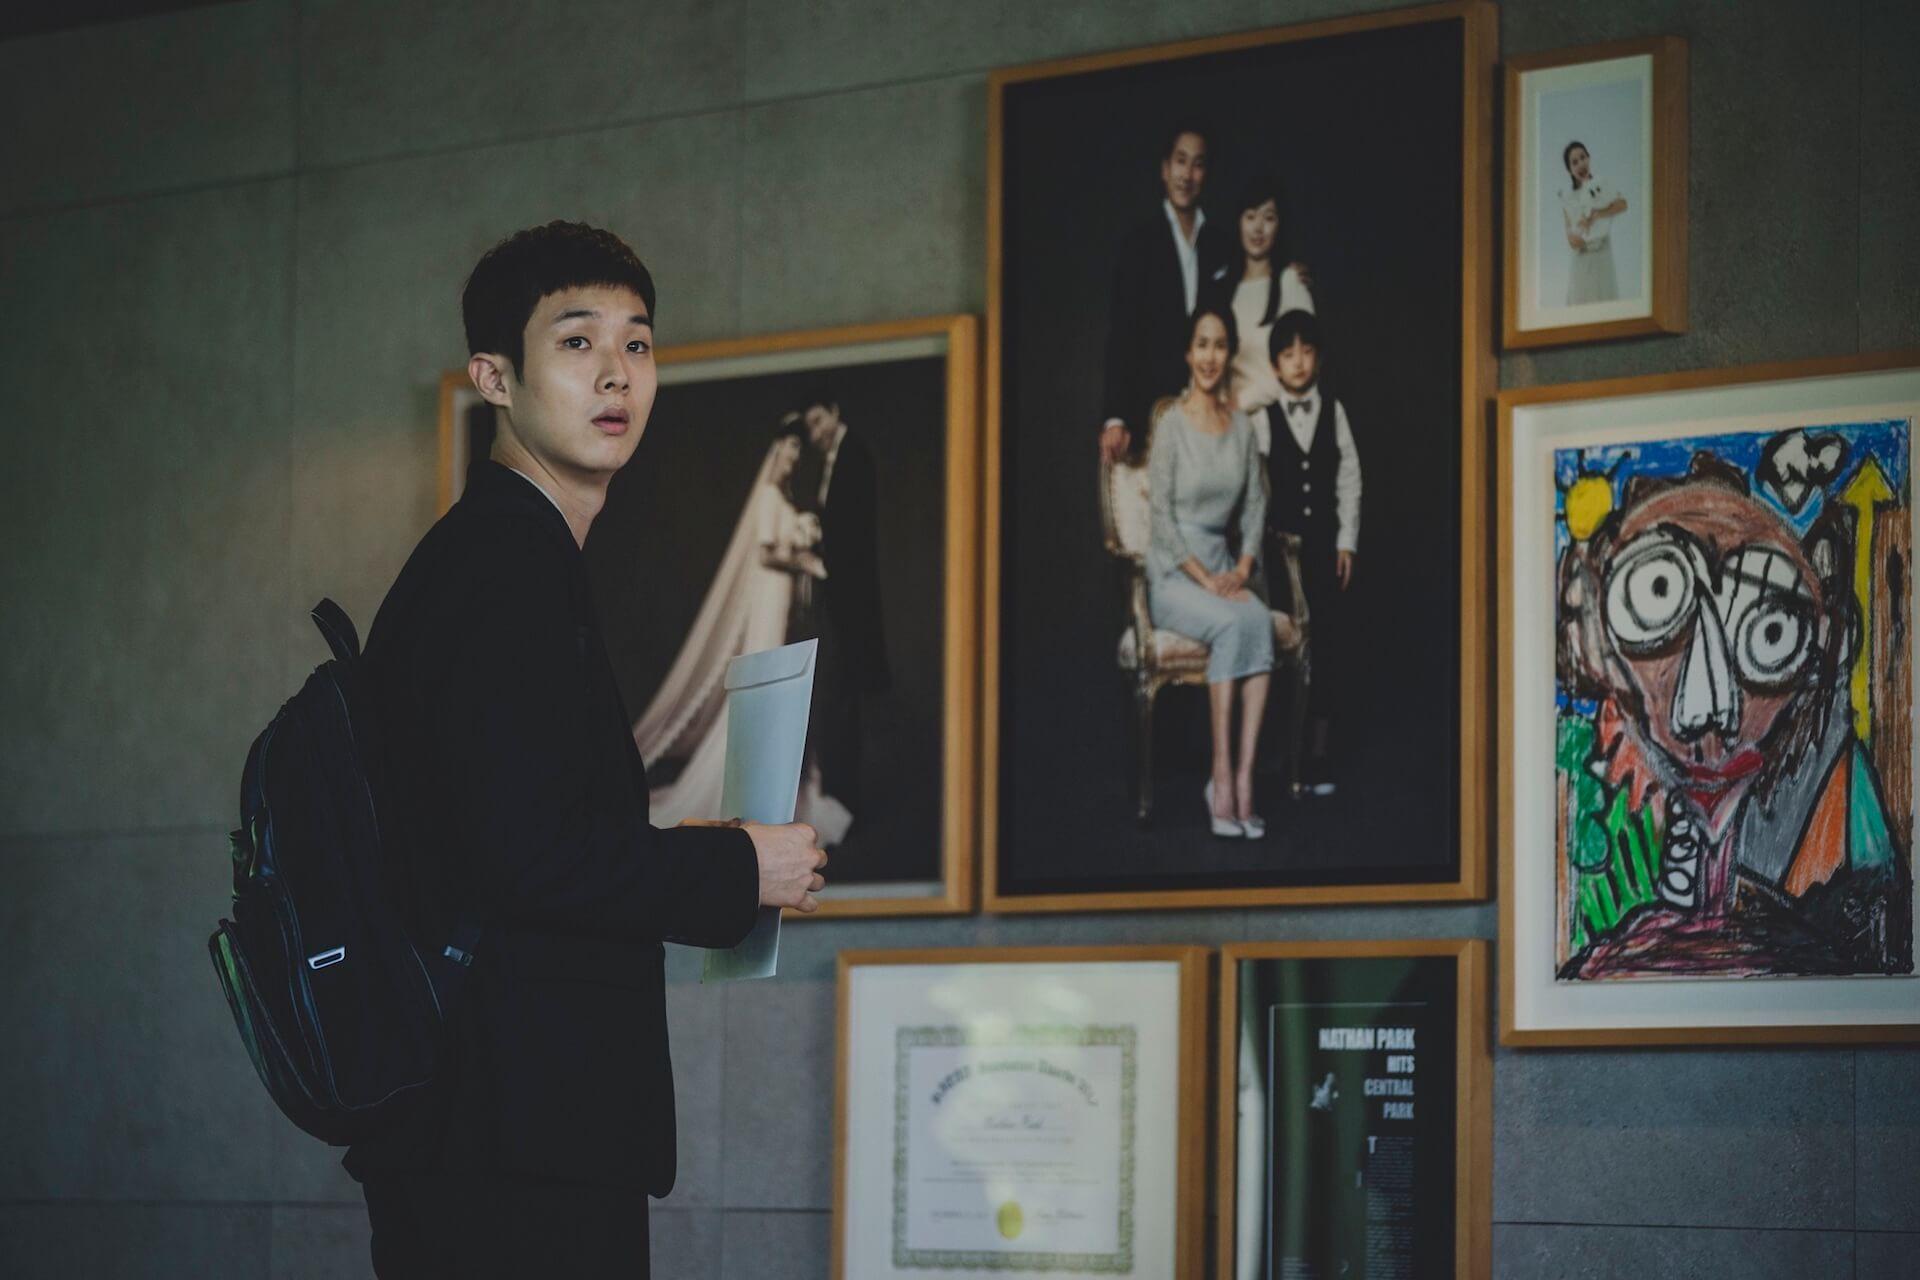 全世界が熱狂する『パラサイト 半地下の家族』出演キャスト陣からコメントが到着「韓国映画の進化として認識することでしょう」 film191030_parasite_5